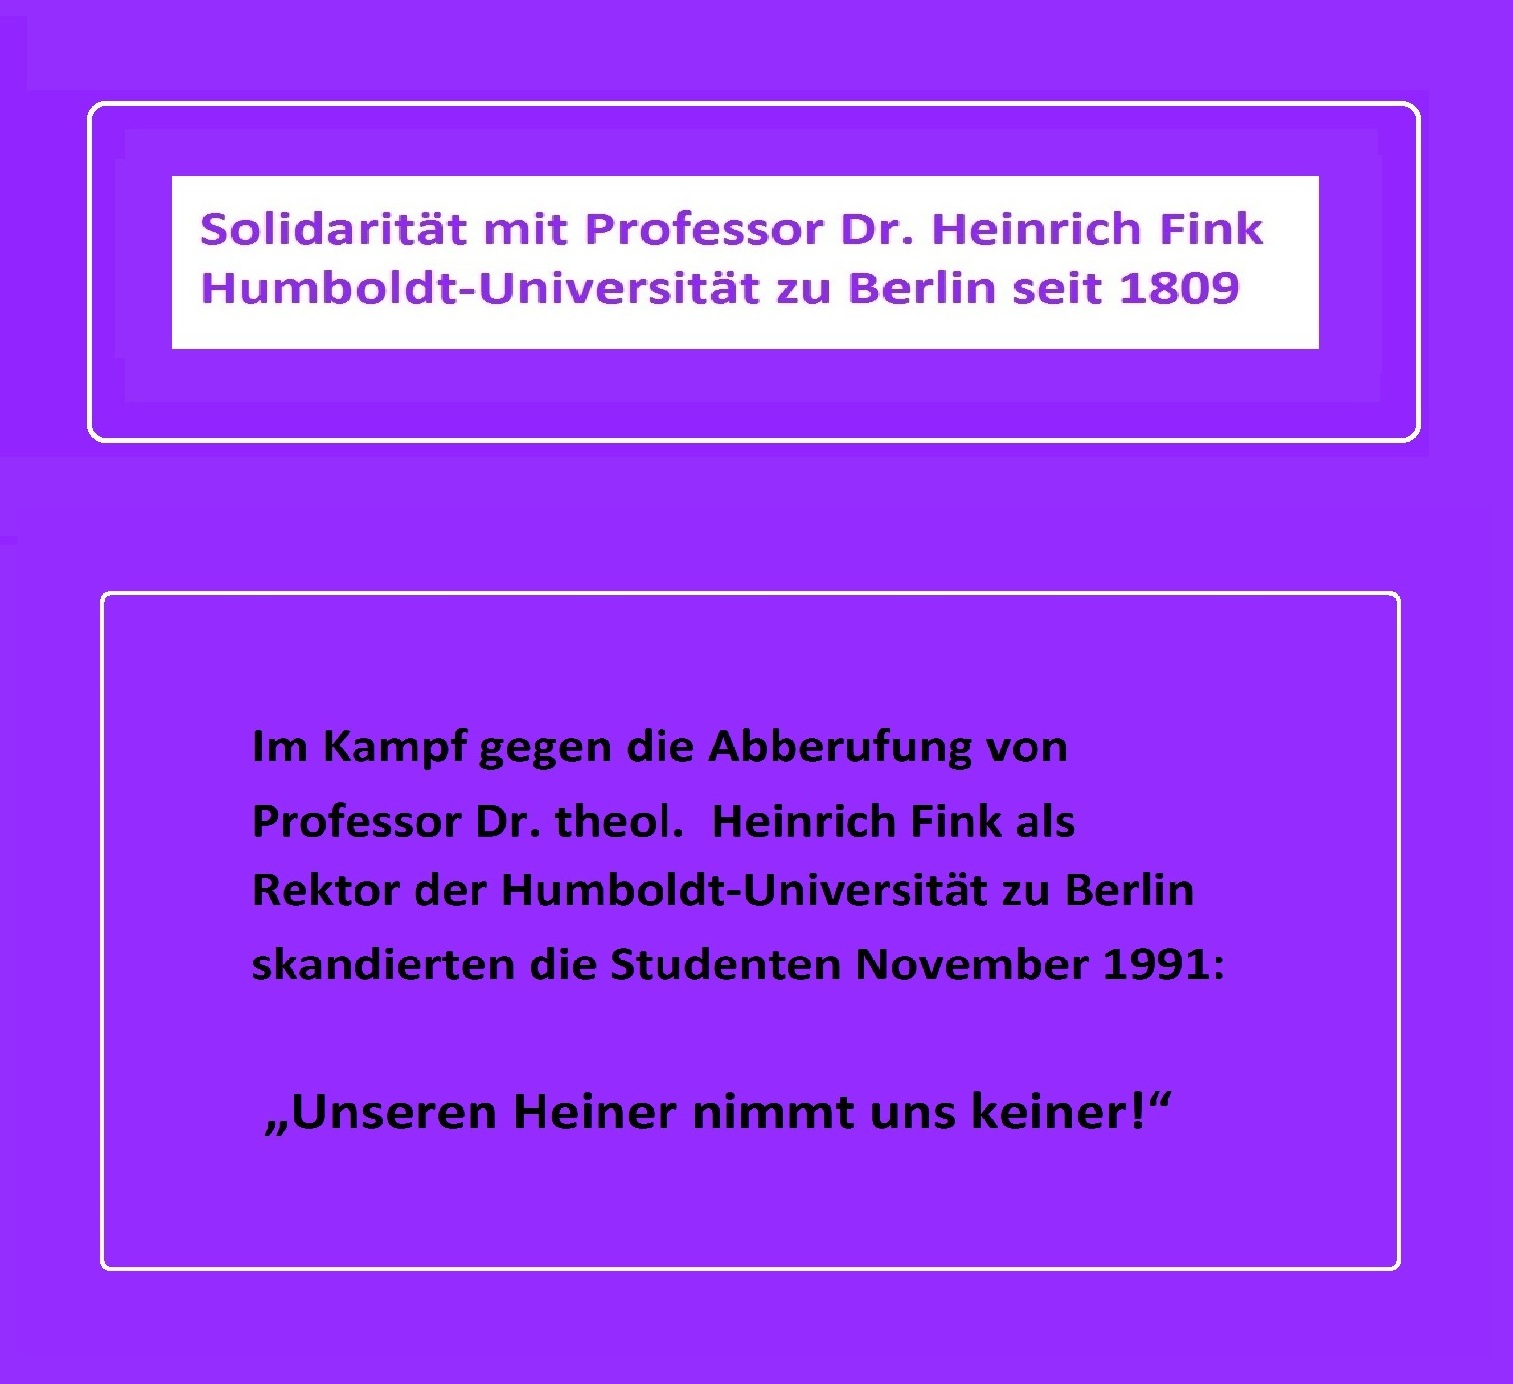 Im Kampf gegen die Abberufung von Professor Dr. theol. Heinrich Fink als Rektor der Humboldt-Universität zu Berlin skandierten die Studenten im November 1991: Unseren Heiner nimmt uns keiner!